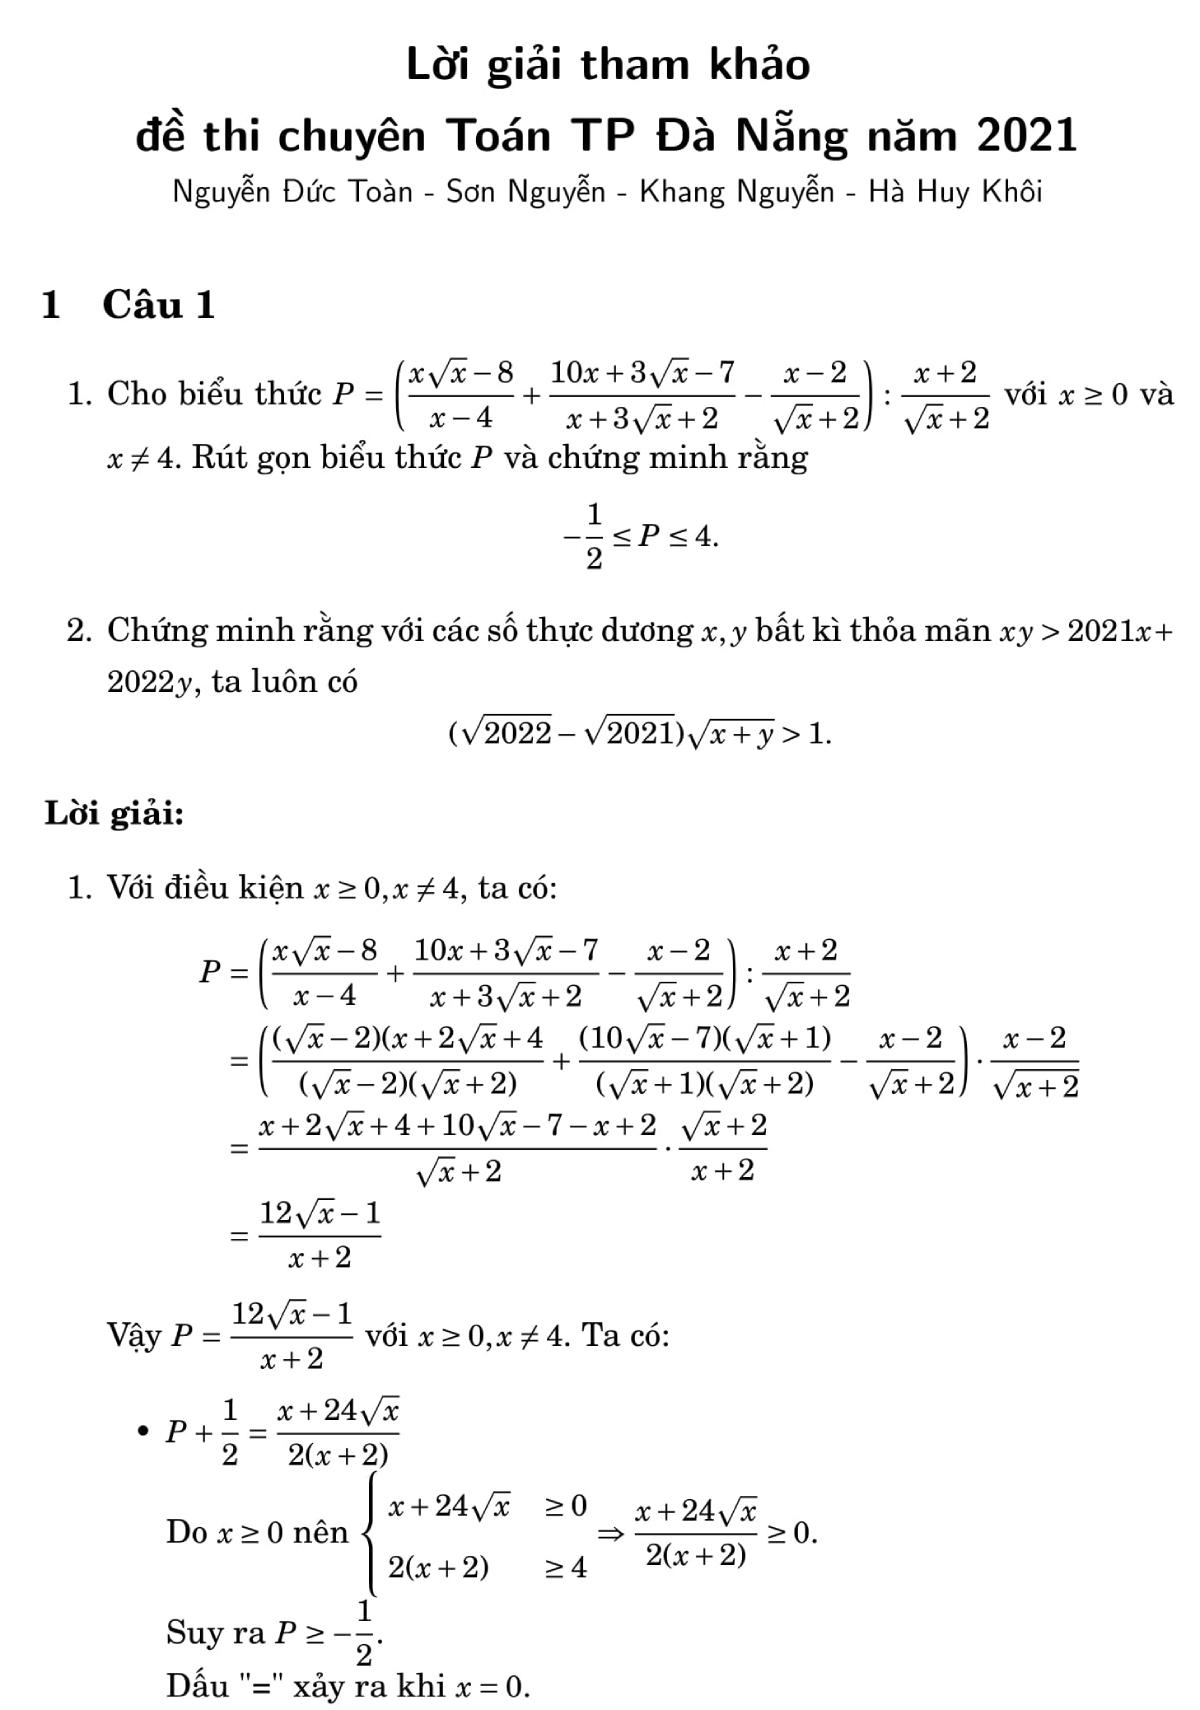 Giải đề Toán chuyên vào lớp 10 ở Đà Nẵng